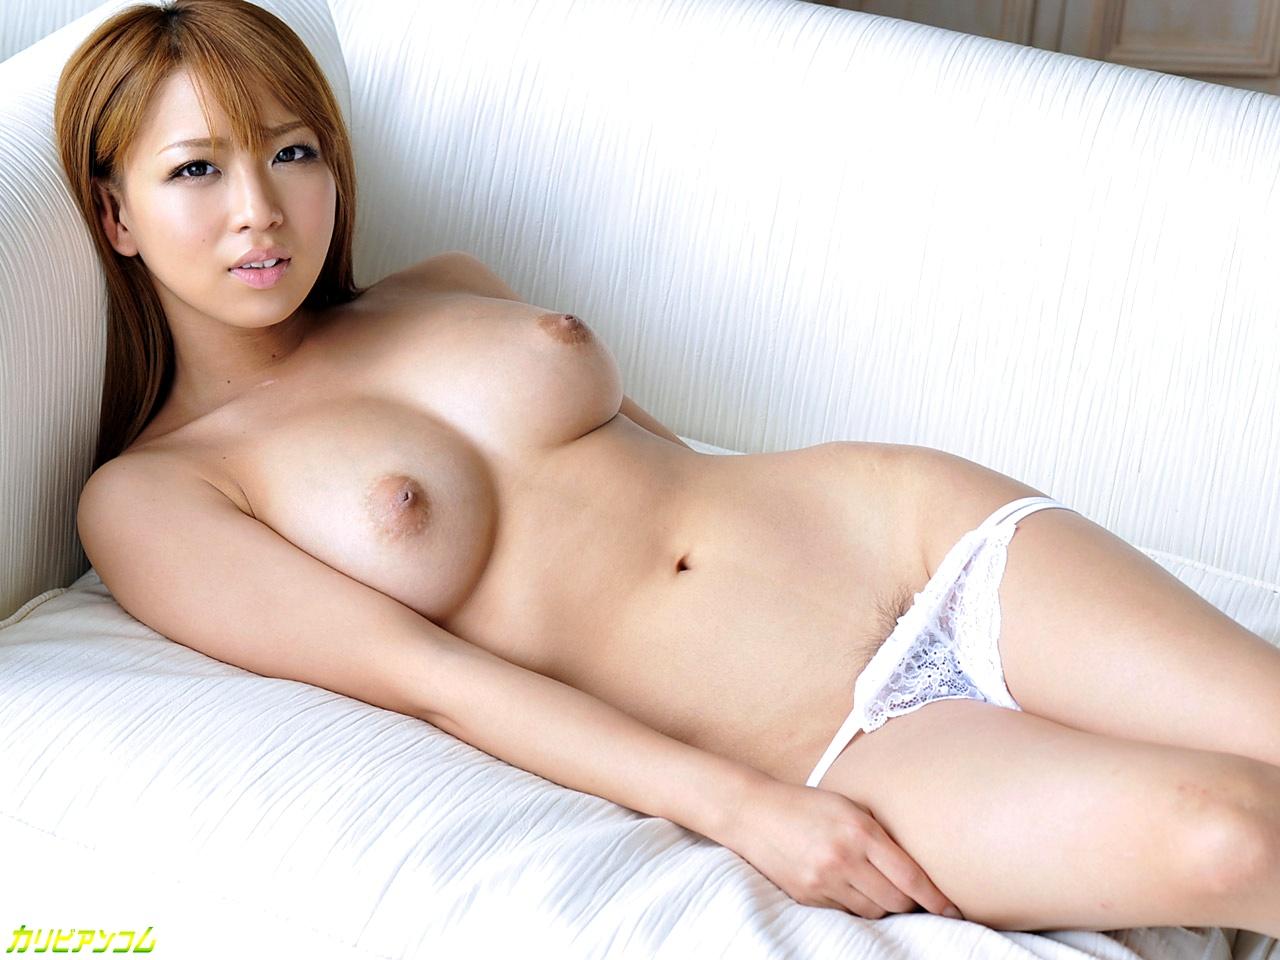 Фото самых красивых голых девушек из китая, Голые азиатки: Китаянки, Японки, Тайки, Вьетнамки 20 фотография